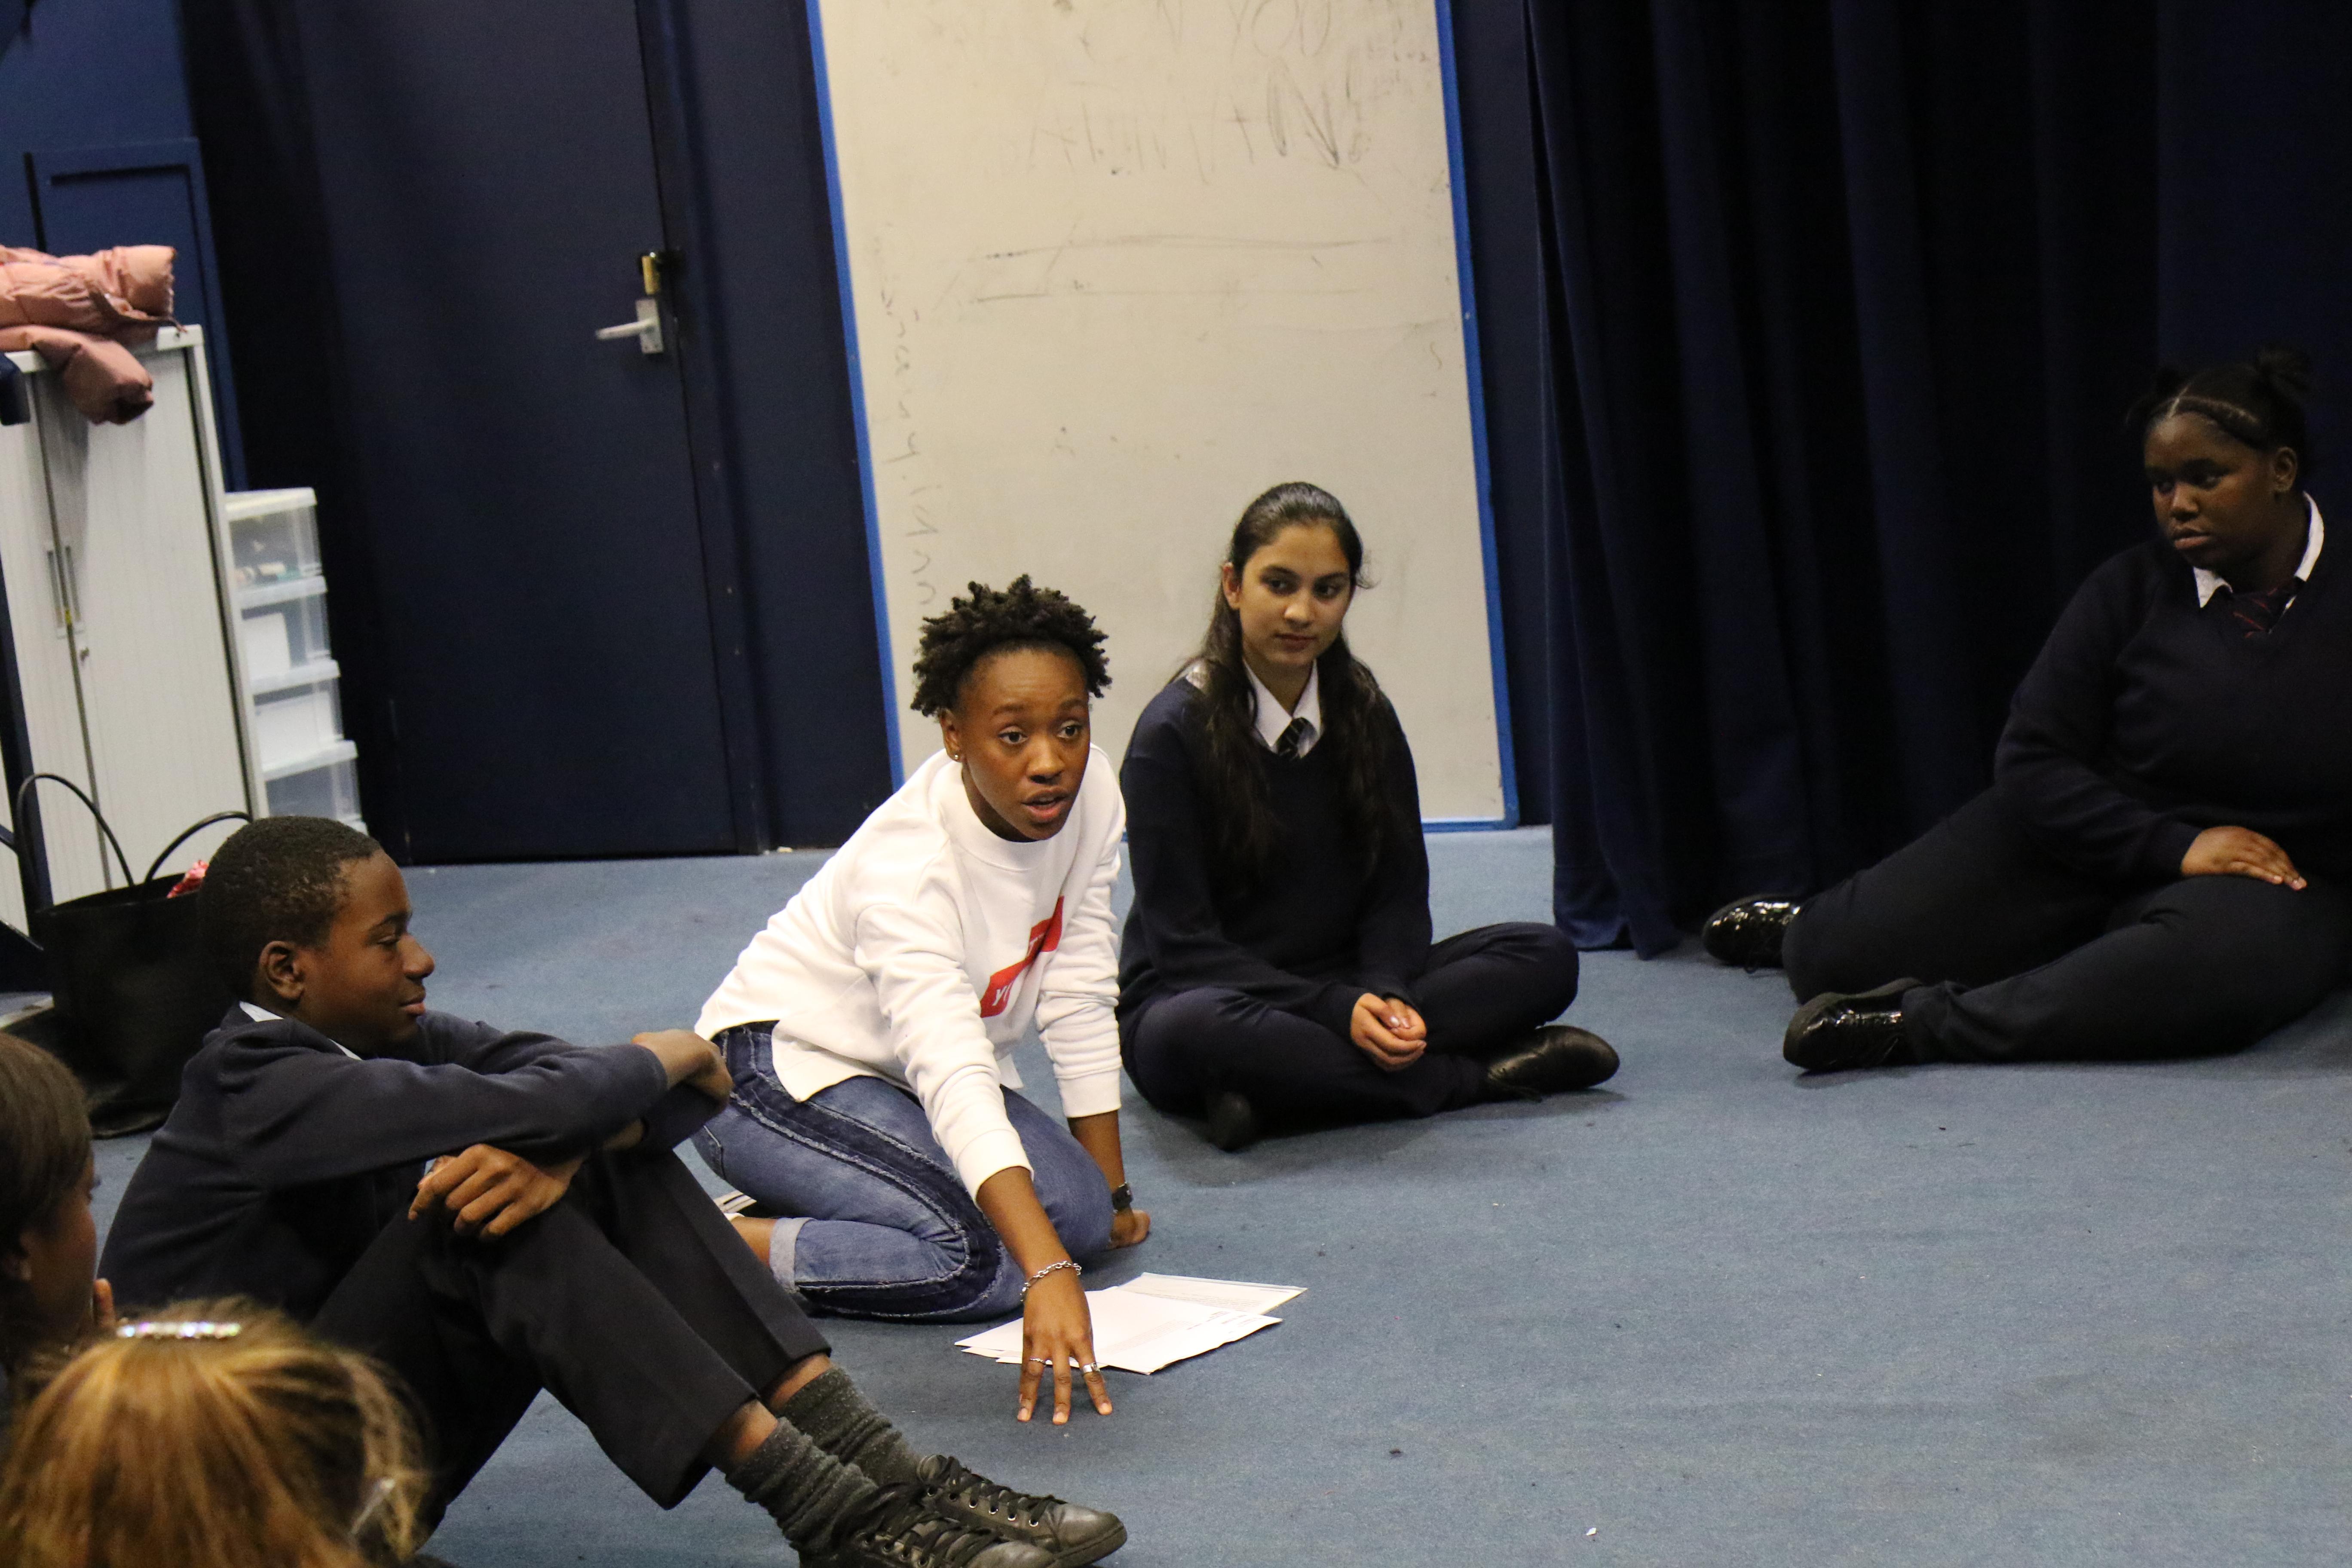 Secondary School drama class